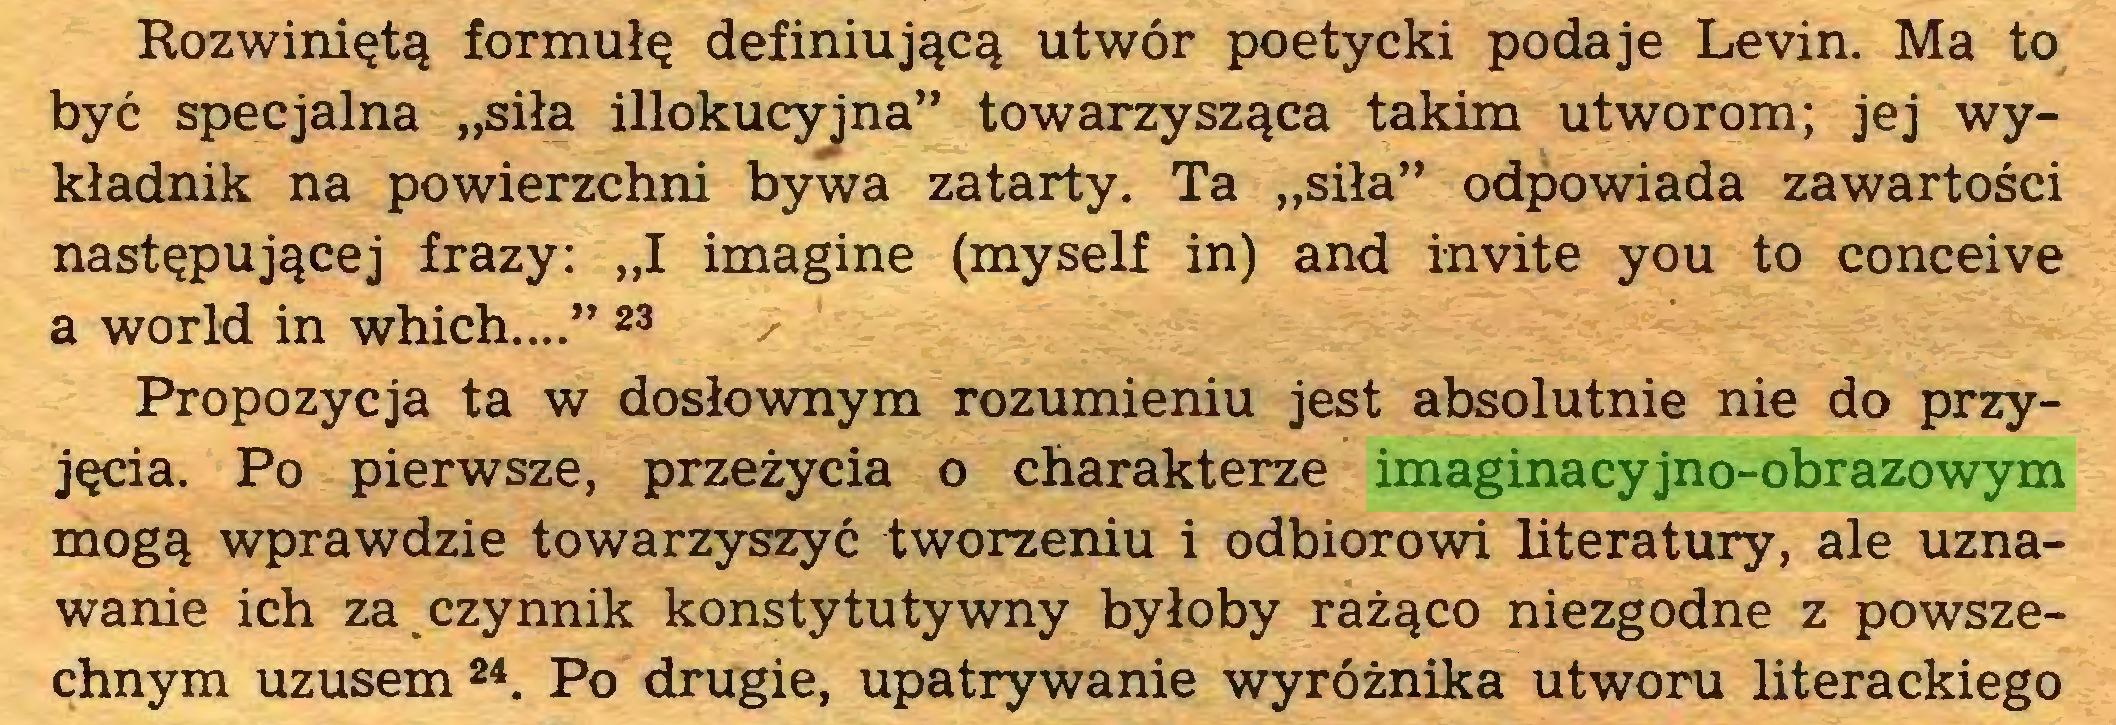 """(...) Rozwiniętą formułę definiującą utwór poetycki podaje Levin. Ma to być specjalna """"siła illokucyjna"""" towarzysząca takim utworom; jej wykładnik na powierzchni bywa zatarty. Ta """"siła"""" odpowiada zawartości następującej frazy: """"I imagine (myself in) and invite you to conceive a world in which..."""" 23 ^ Propozycja ta w dosłownym rozumieniu jest absolutnie nie do przyjęcia. Po pierwsze, przeżycia o charakterze imaginacyjno-obrazowym mogą wprawdzie towarzyszyć tworzeniu i odbiorowi literatury, ale uznawanie ich za czynnik konstytutywny byłoby rażąco niezgodne z powszechnym uzusem 24. Po drugie, upatrywanie wyróżnika utworu literackiego..."""